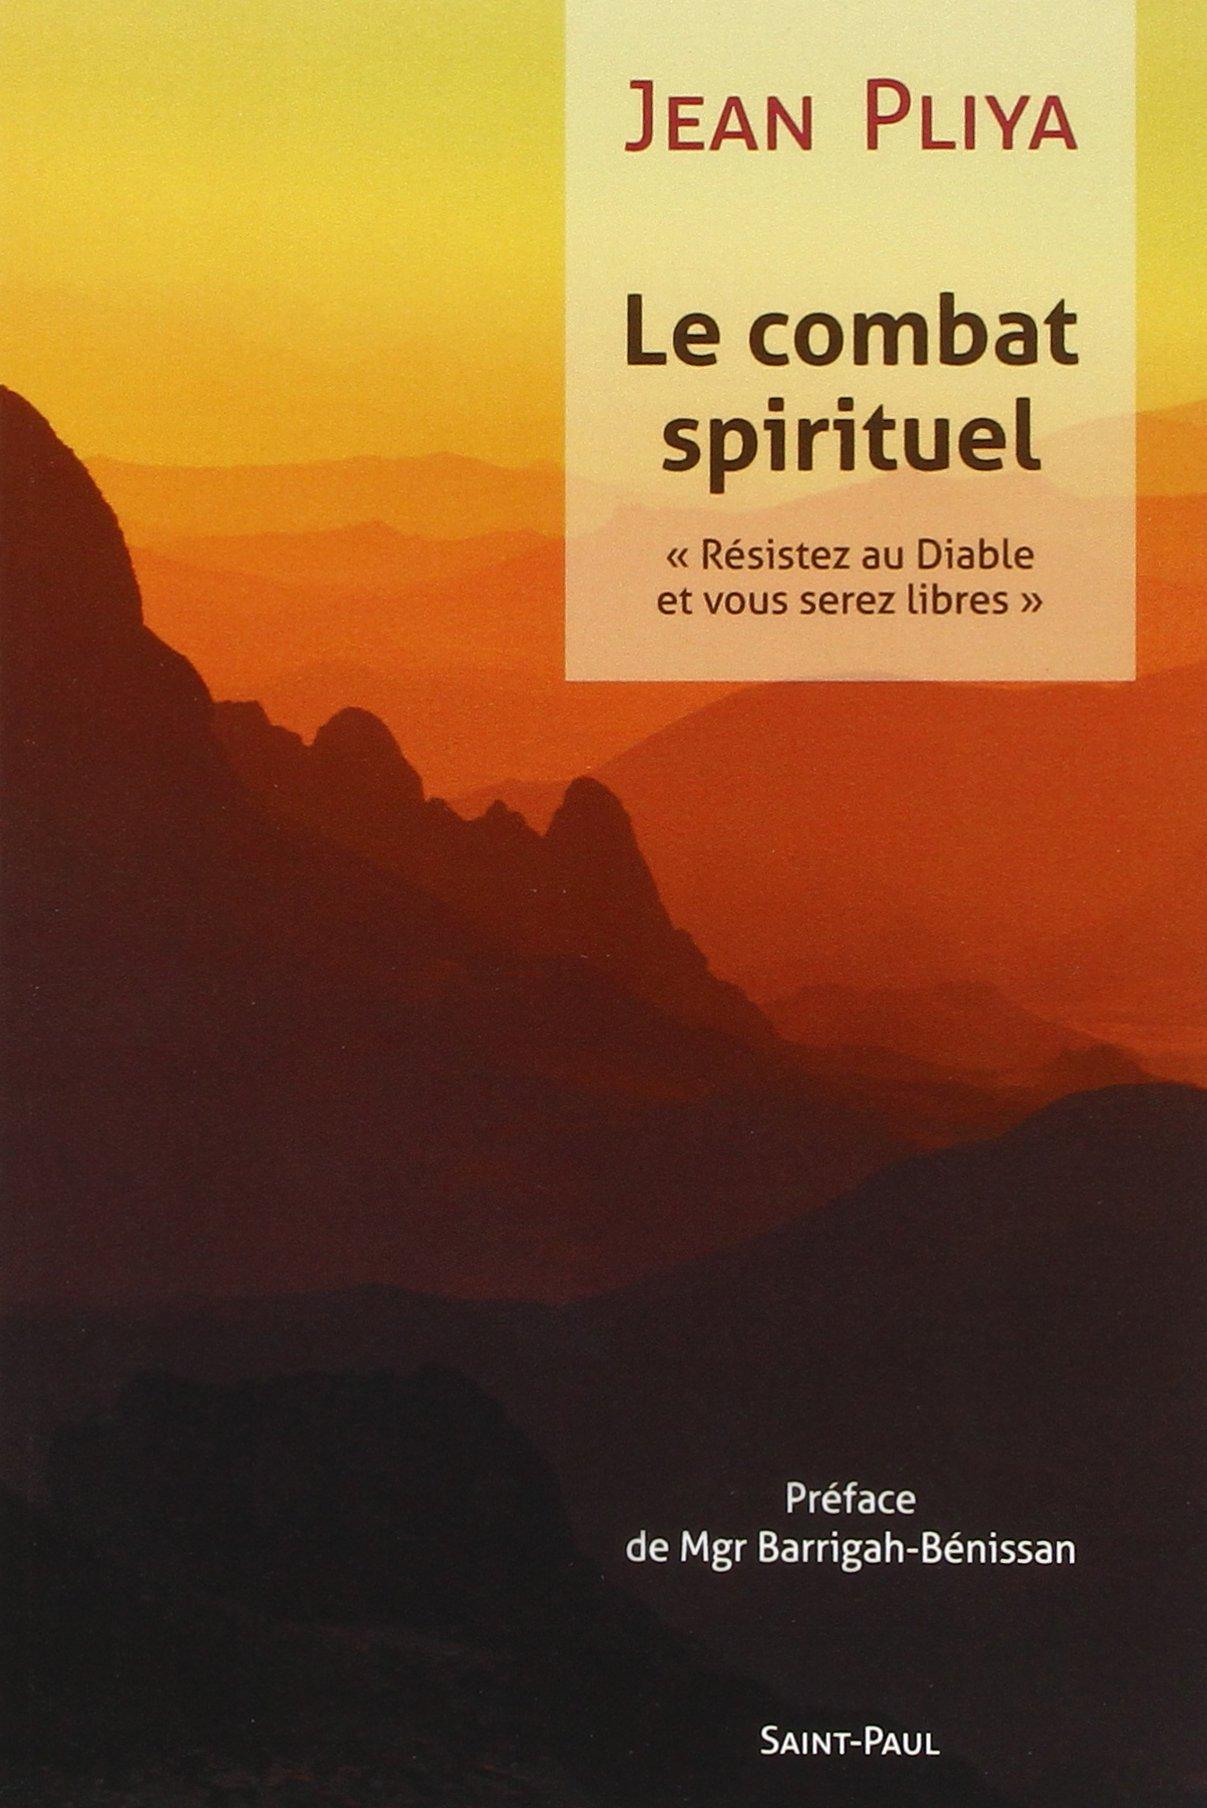 Jacques Spirituel Au cf Diable Le Résistez Combat 4 z4FFqH